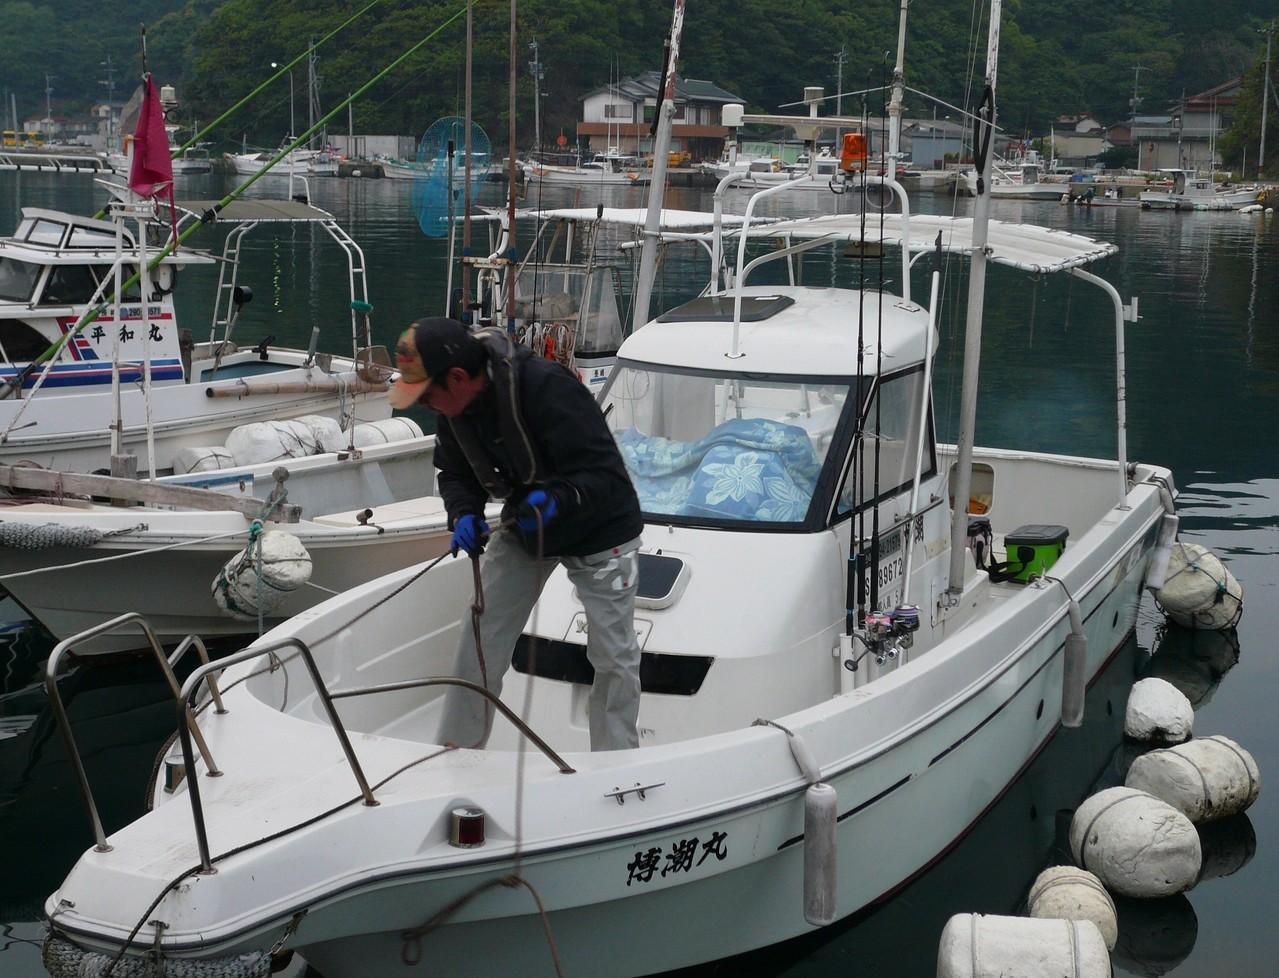 5月4日 レンタルボート博潮丸 岡崎船長 出船です